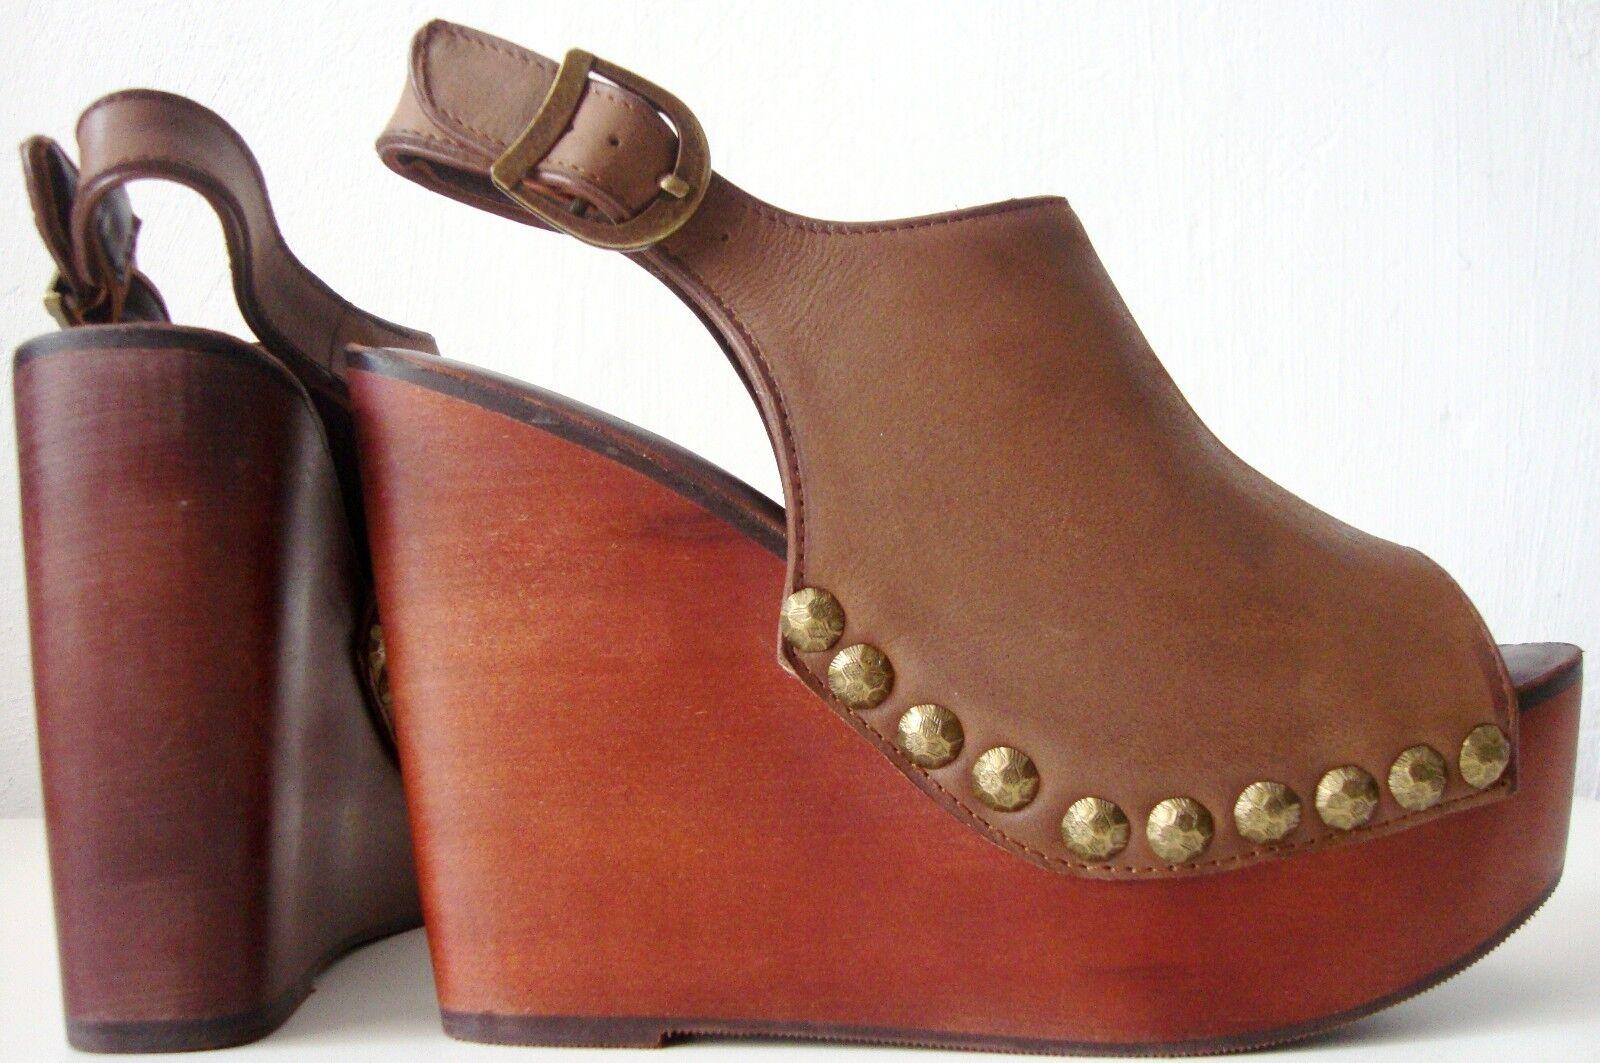 Jeffrey Campbell nietas Stud Platform sandals damas damas damas plataforma zapatos cuero gr39 nuevo  ventas en linea